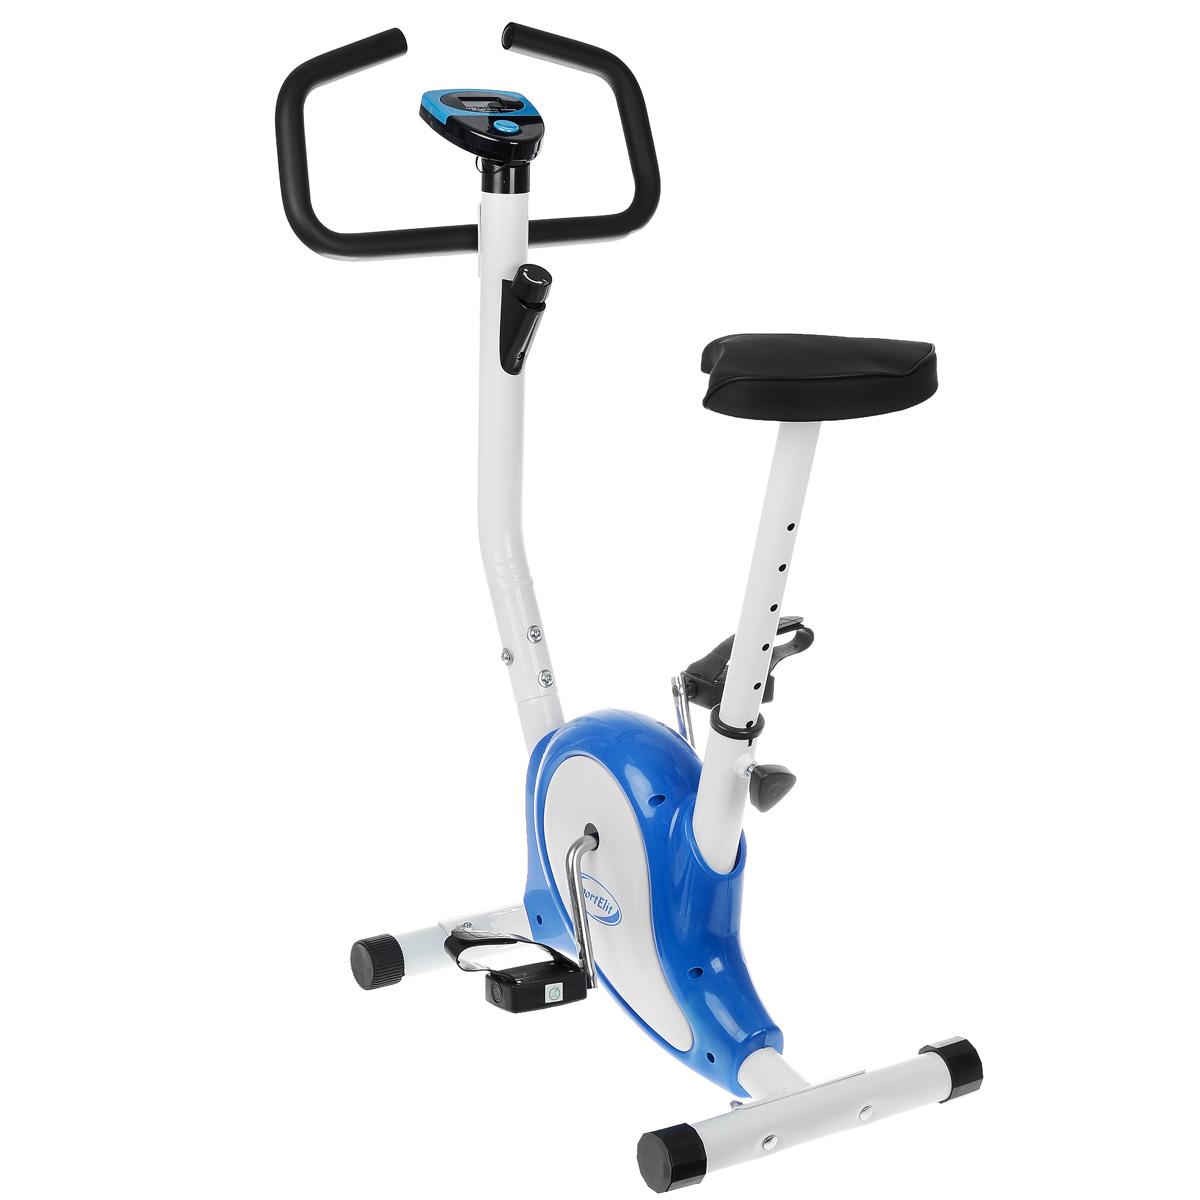 Велотренажер Sport Elit, 70 см х 46 см х 99 см велотренажер sport elit цвет серый синий 88 5 см х 47 см х 120 5 см